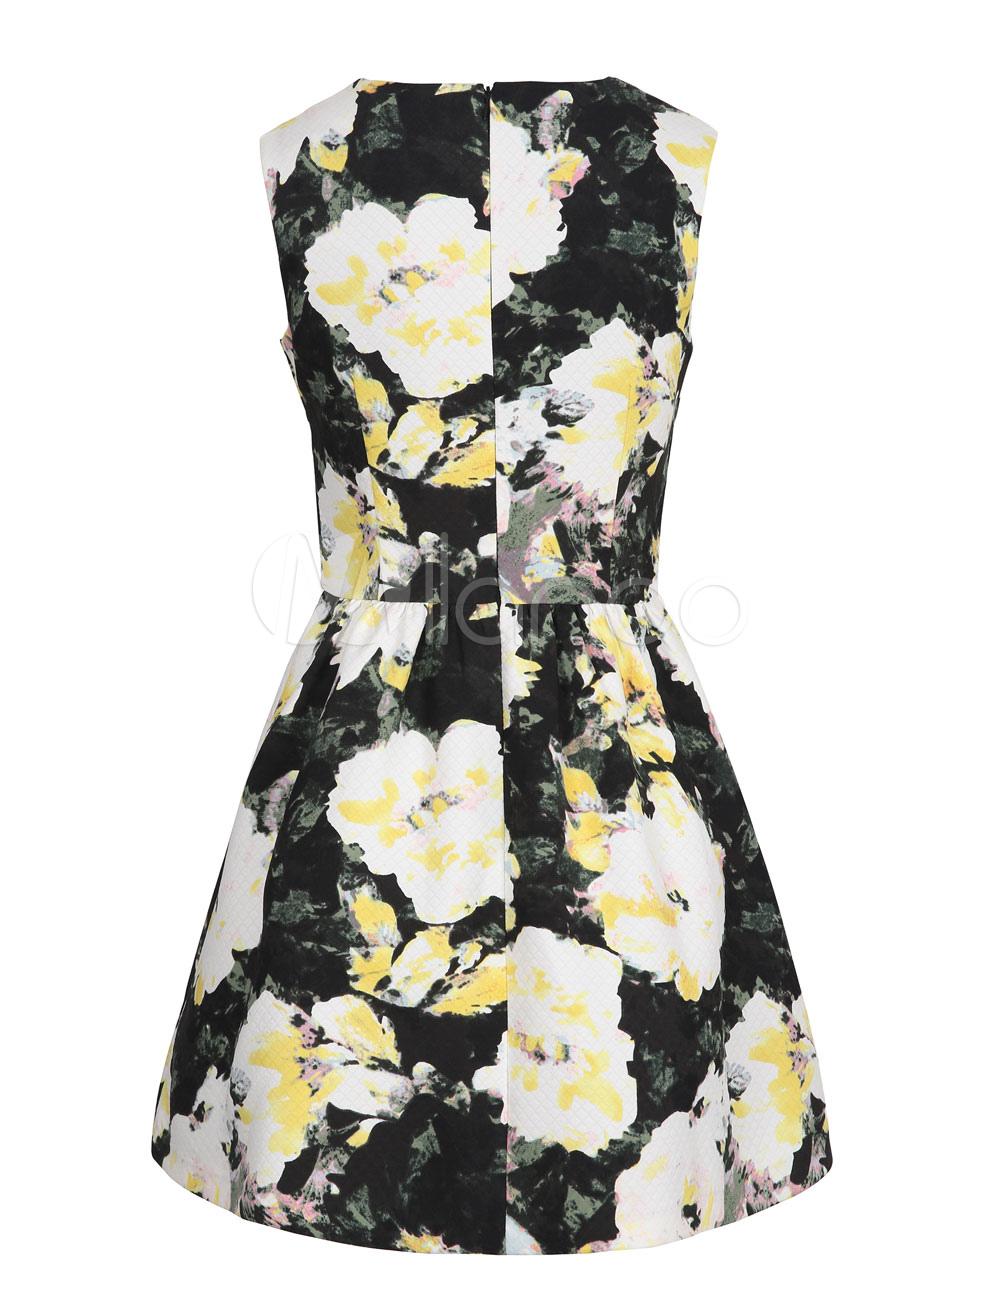 Floral Black Dress Short Sleeveless Women's Printed Summer Dress (Women\\'s Clothing Skater Dresses) photo